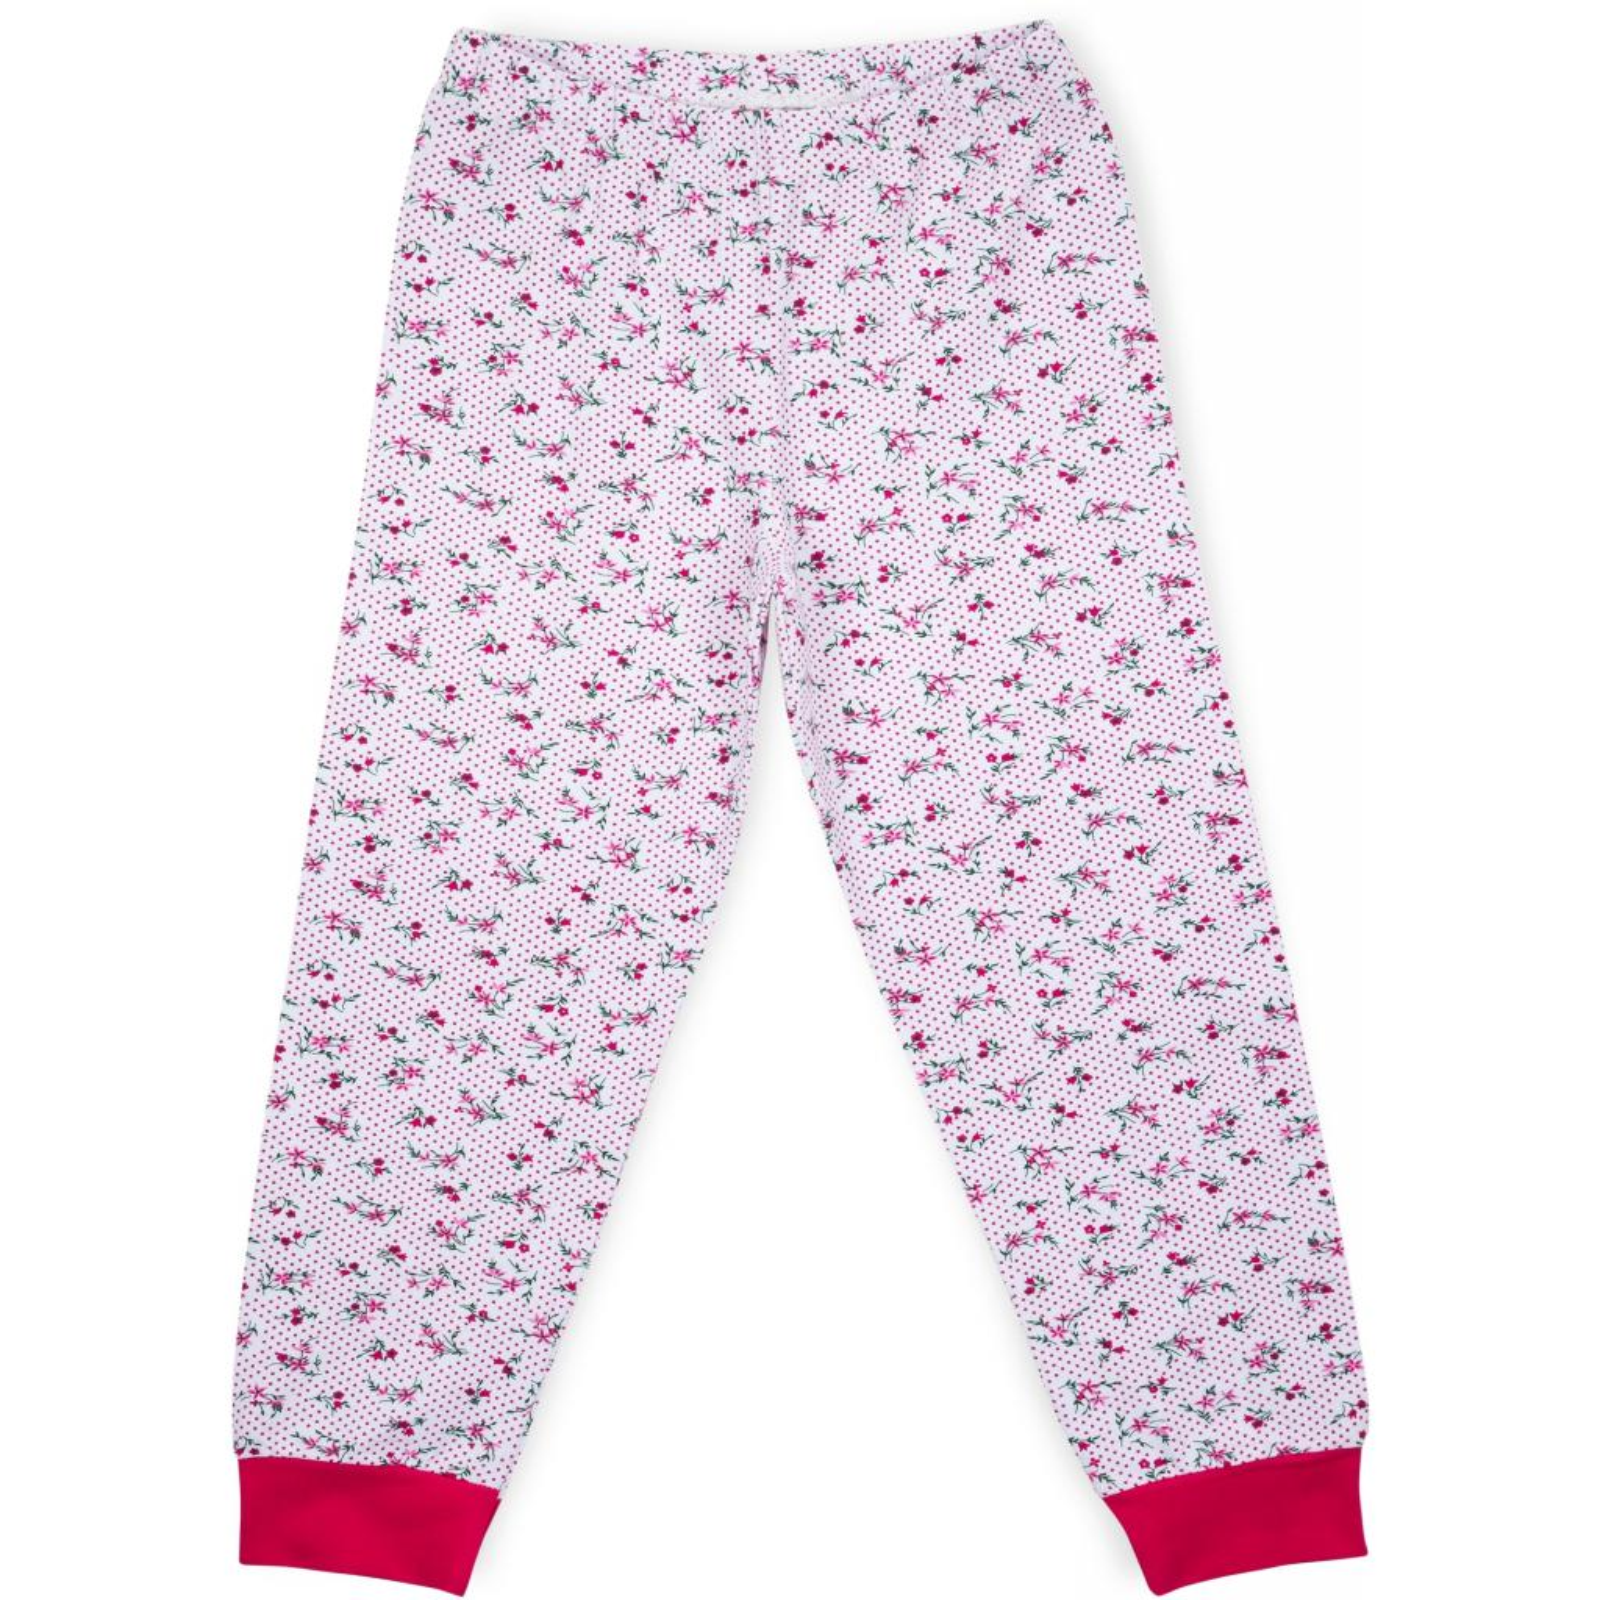 Пижама Matilda с оленями (10817-3-122G-pink) изображение 3